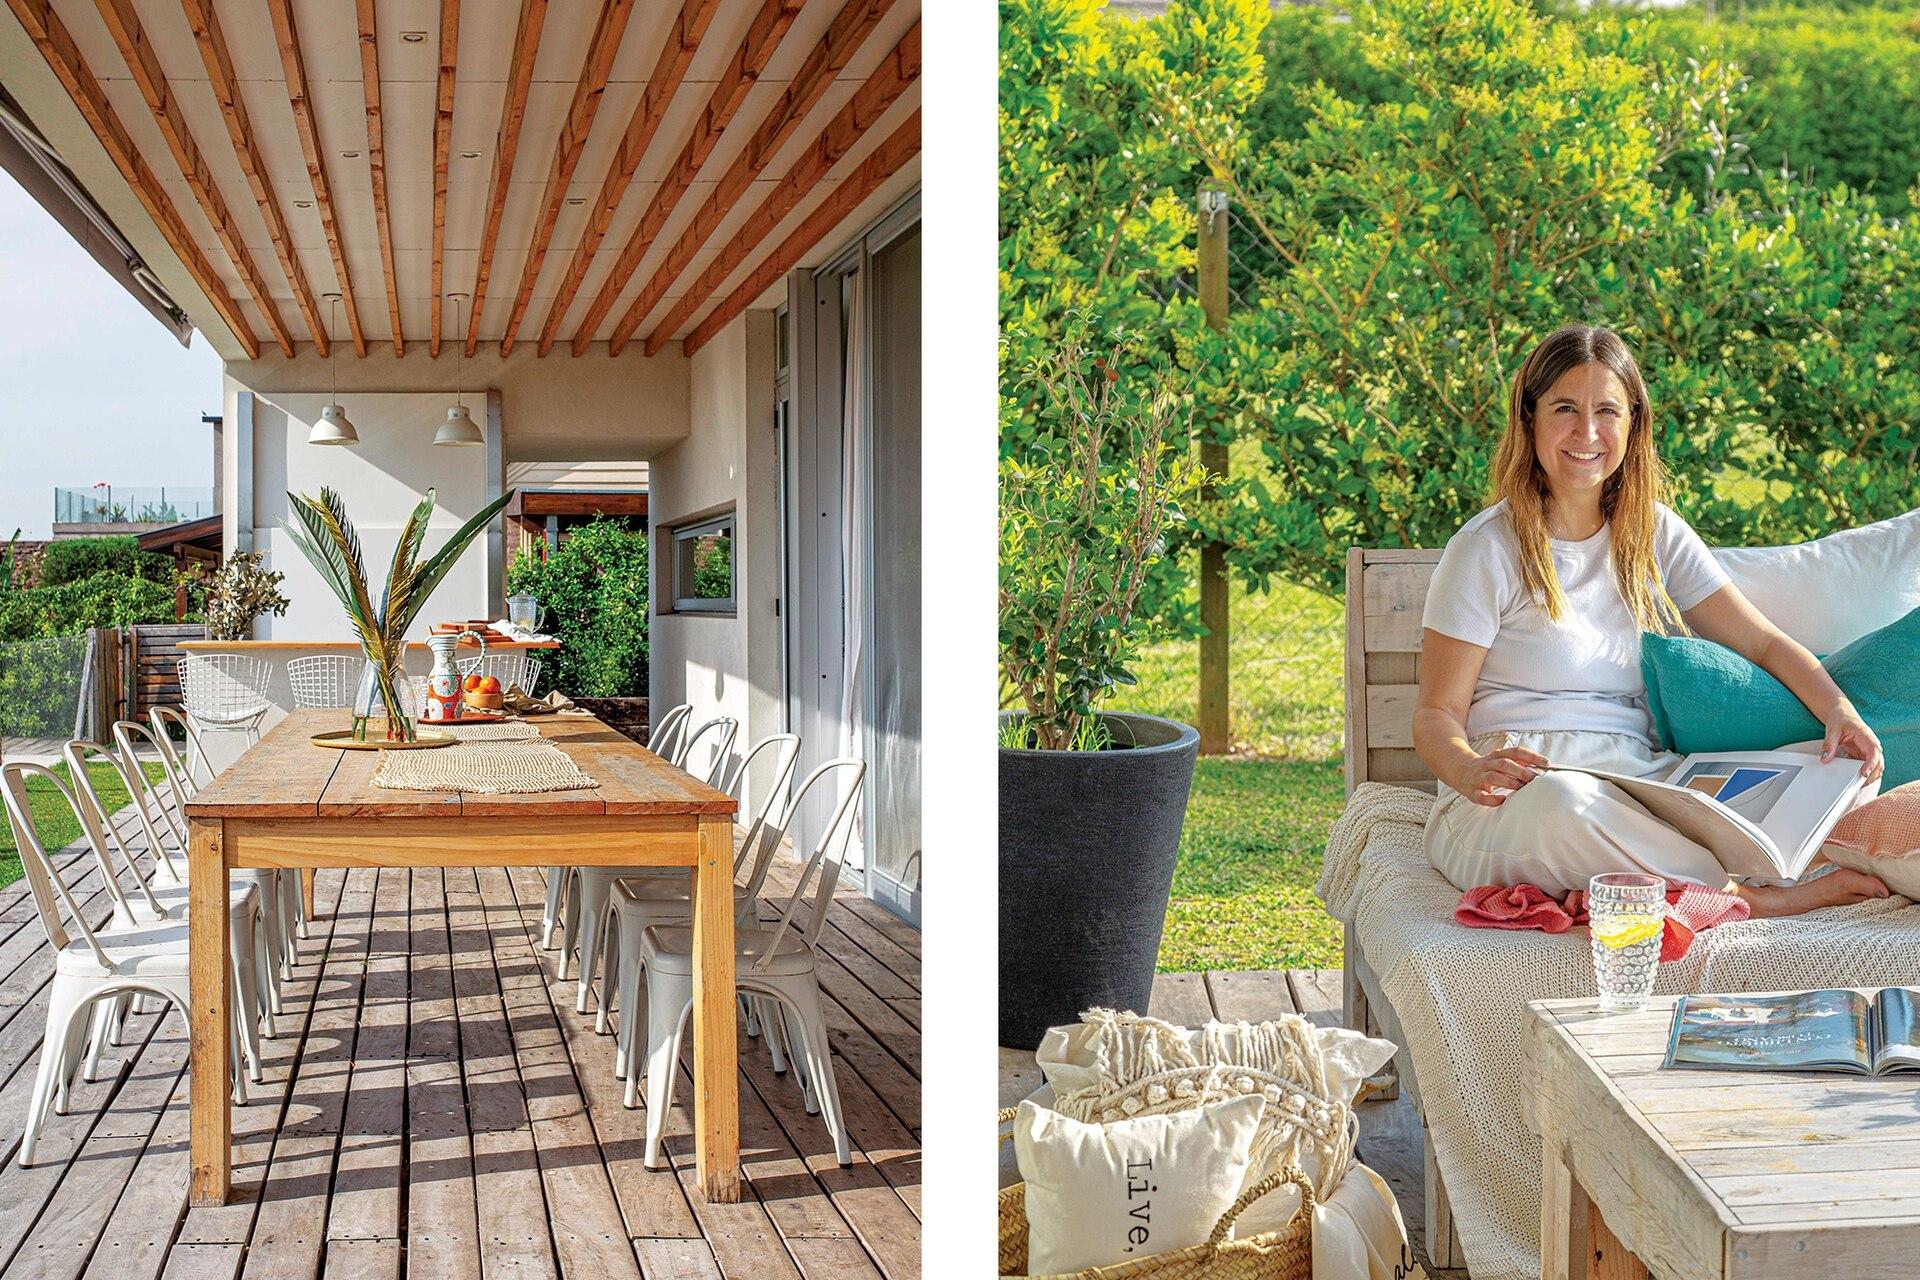 En la galería, mesa de pino Paraná (Brick) con sillas 'Tolix' blancas. Al lado, Agustina retratada en el living de exterior, con mesa y bancos de madera reciclada (La Isla), mantas y almohadones de colores (Mimi Home Love). Canasta (VB Home).